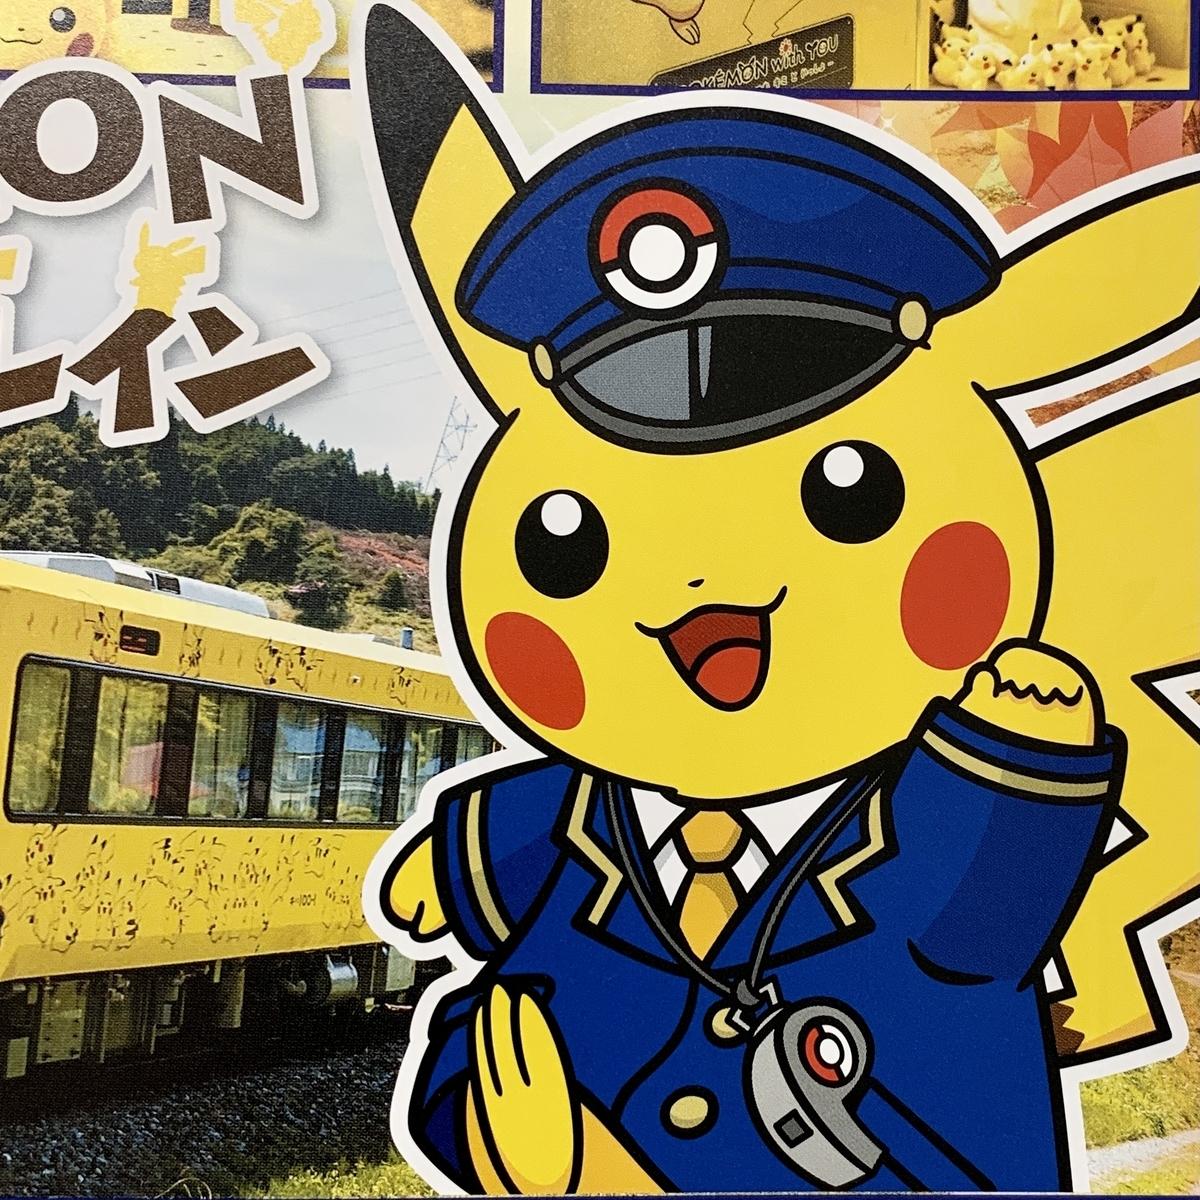 f:id:pikachu_pcn:20211013182209j:plain